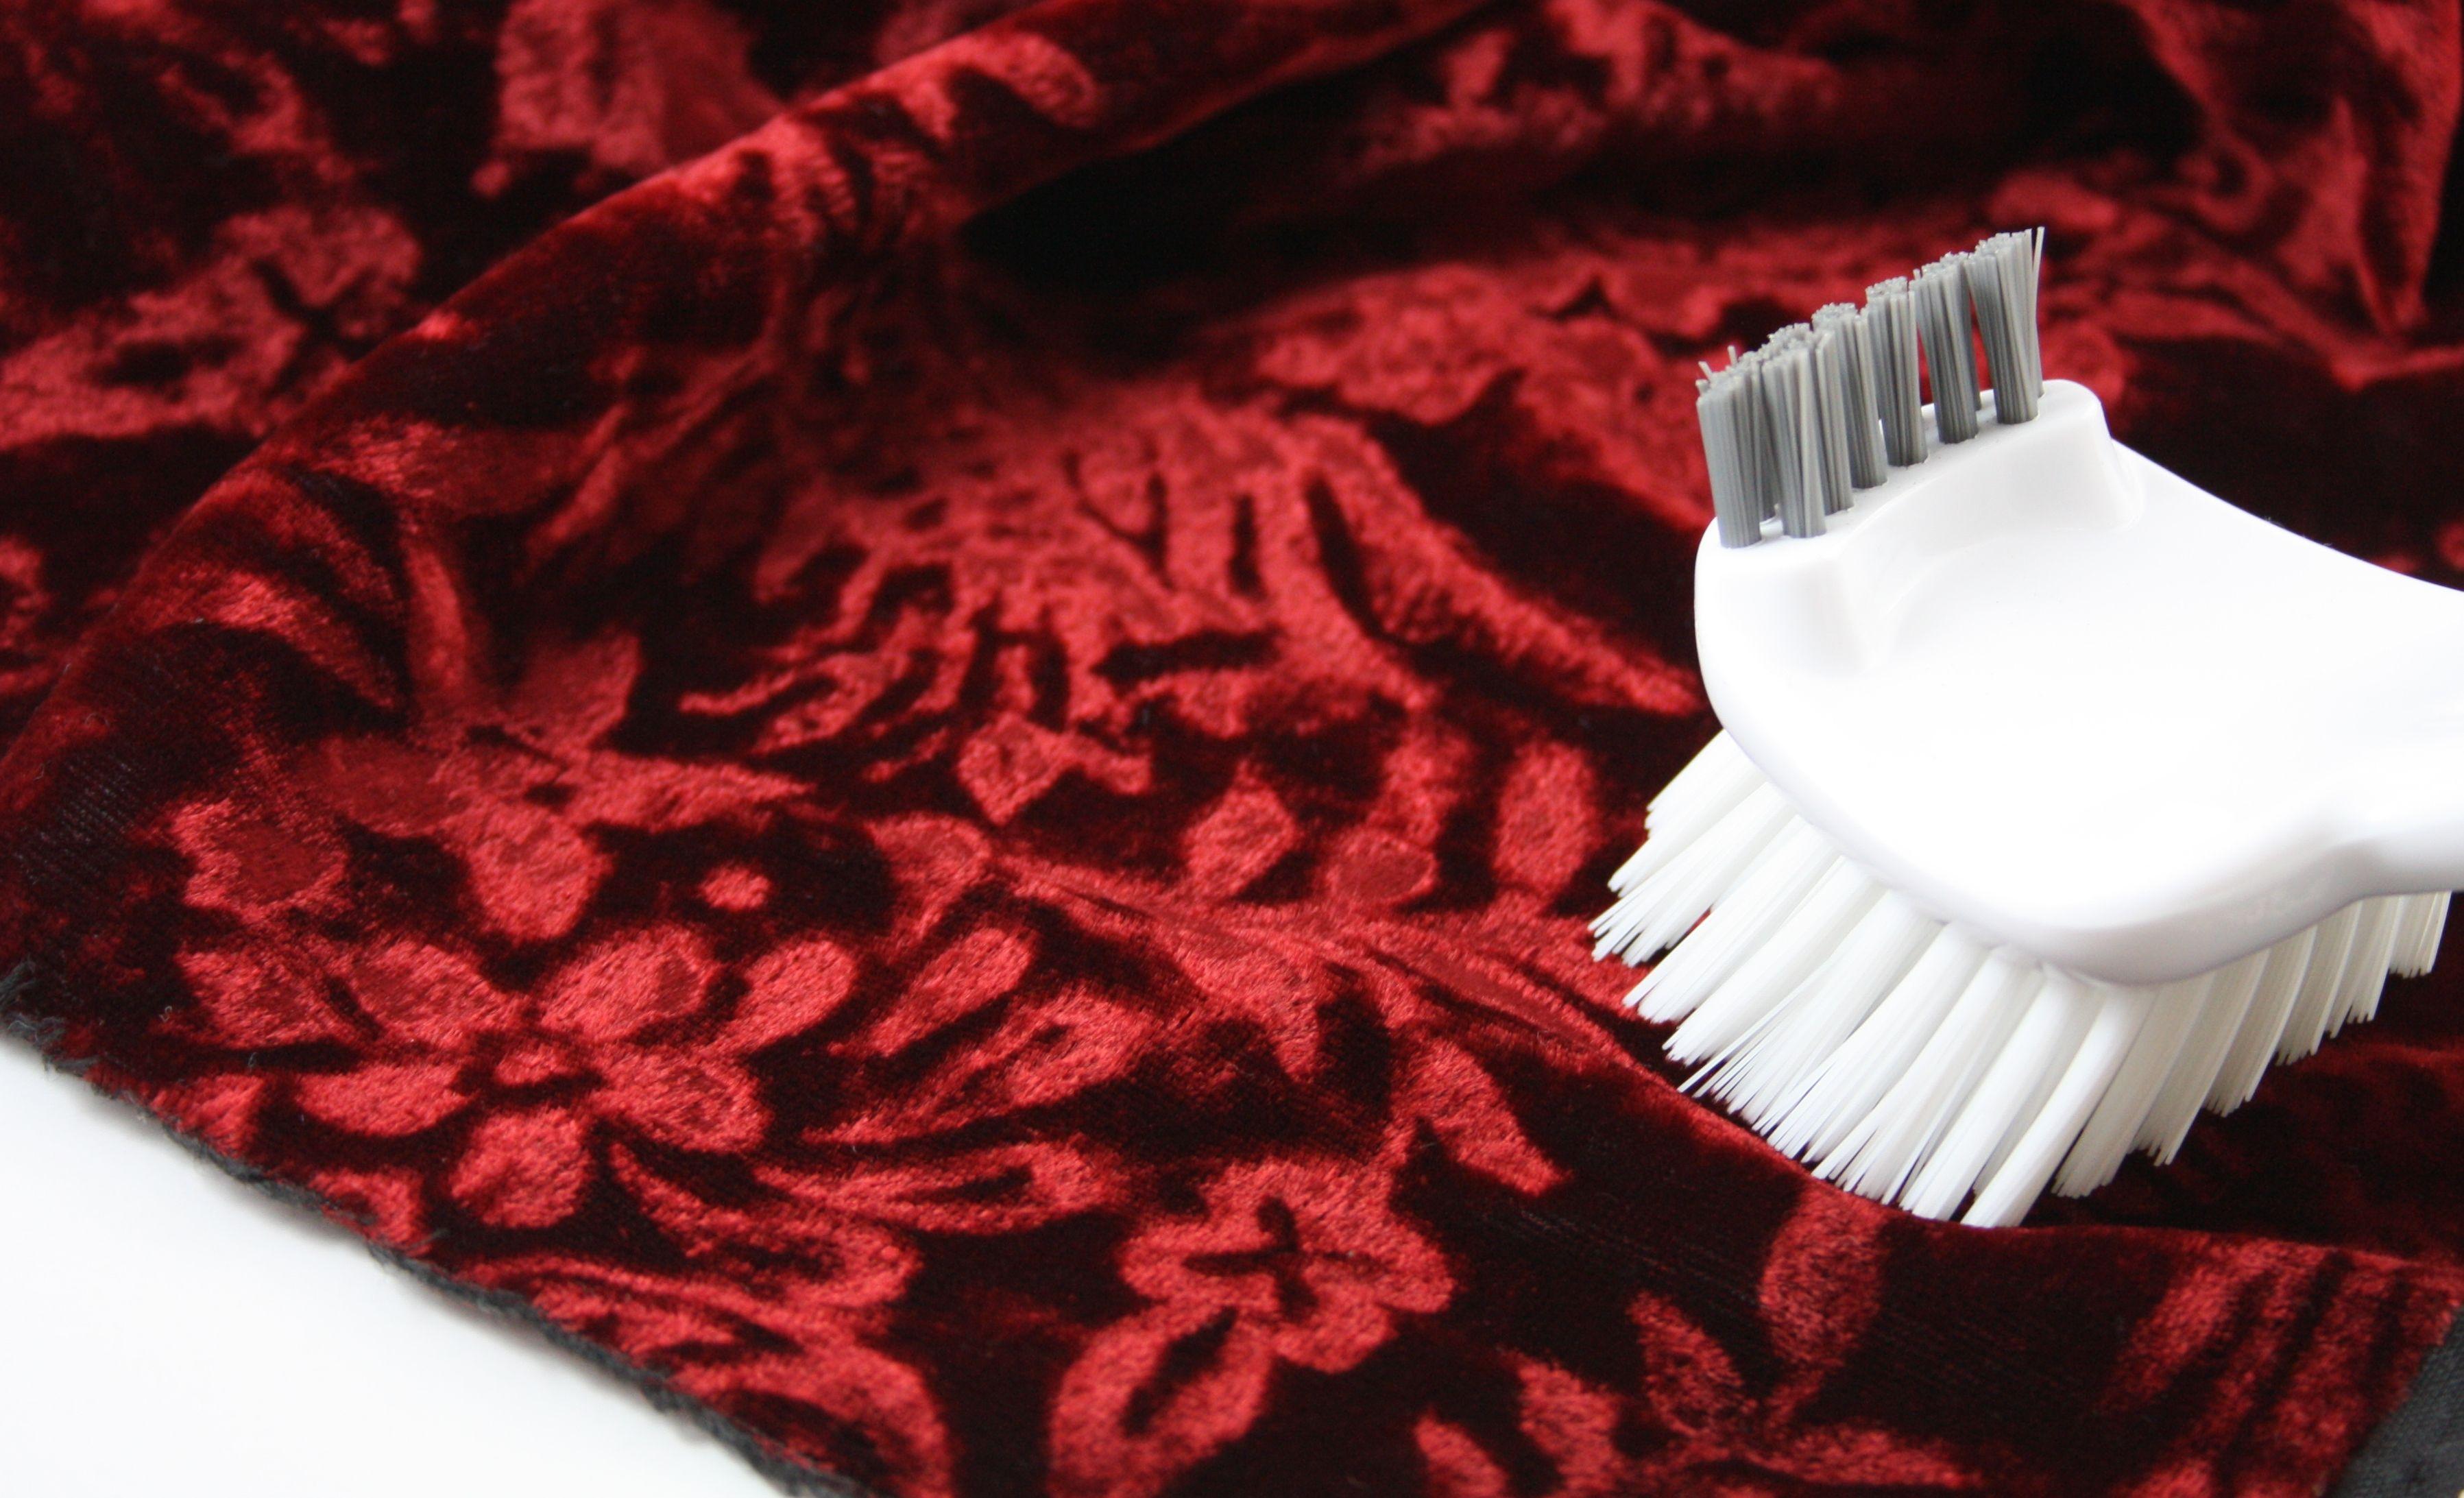 Wash Velvet | How to clean velvet, Velvet, Velvet furniture